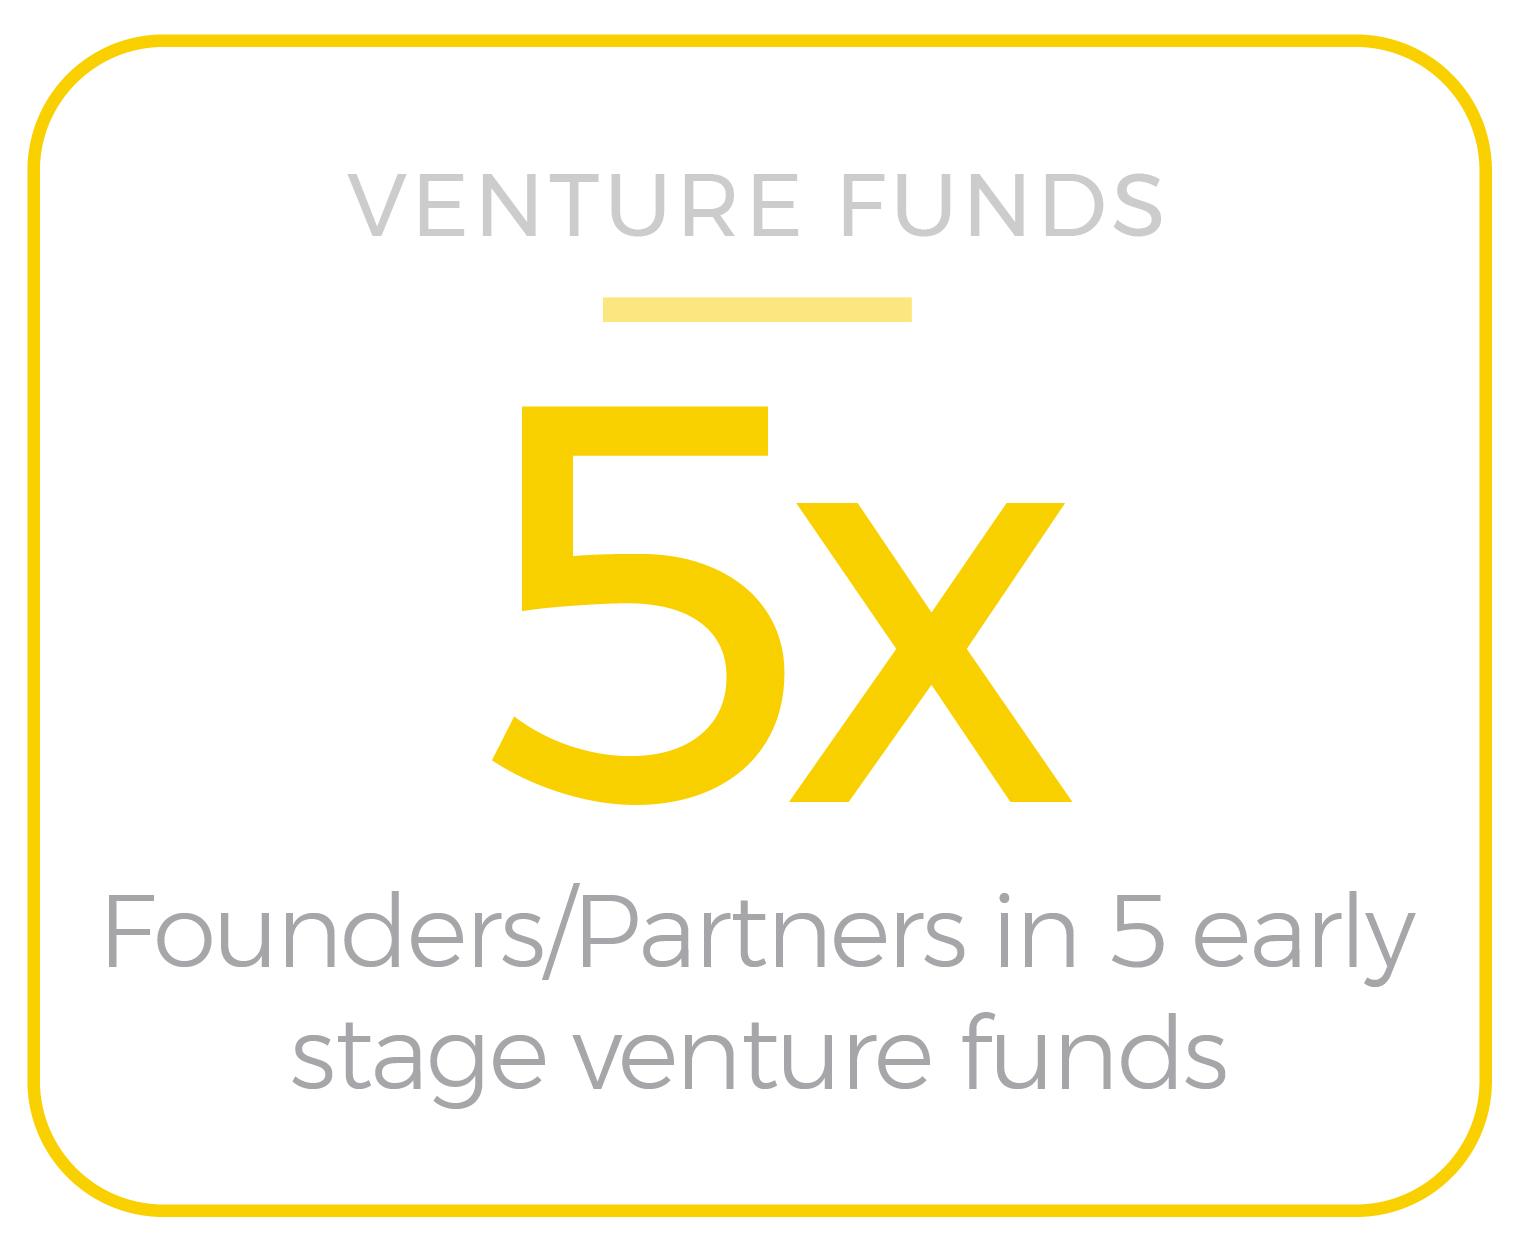 VentureFunds-07.jpg